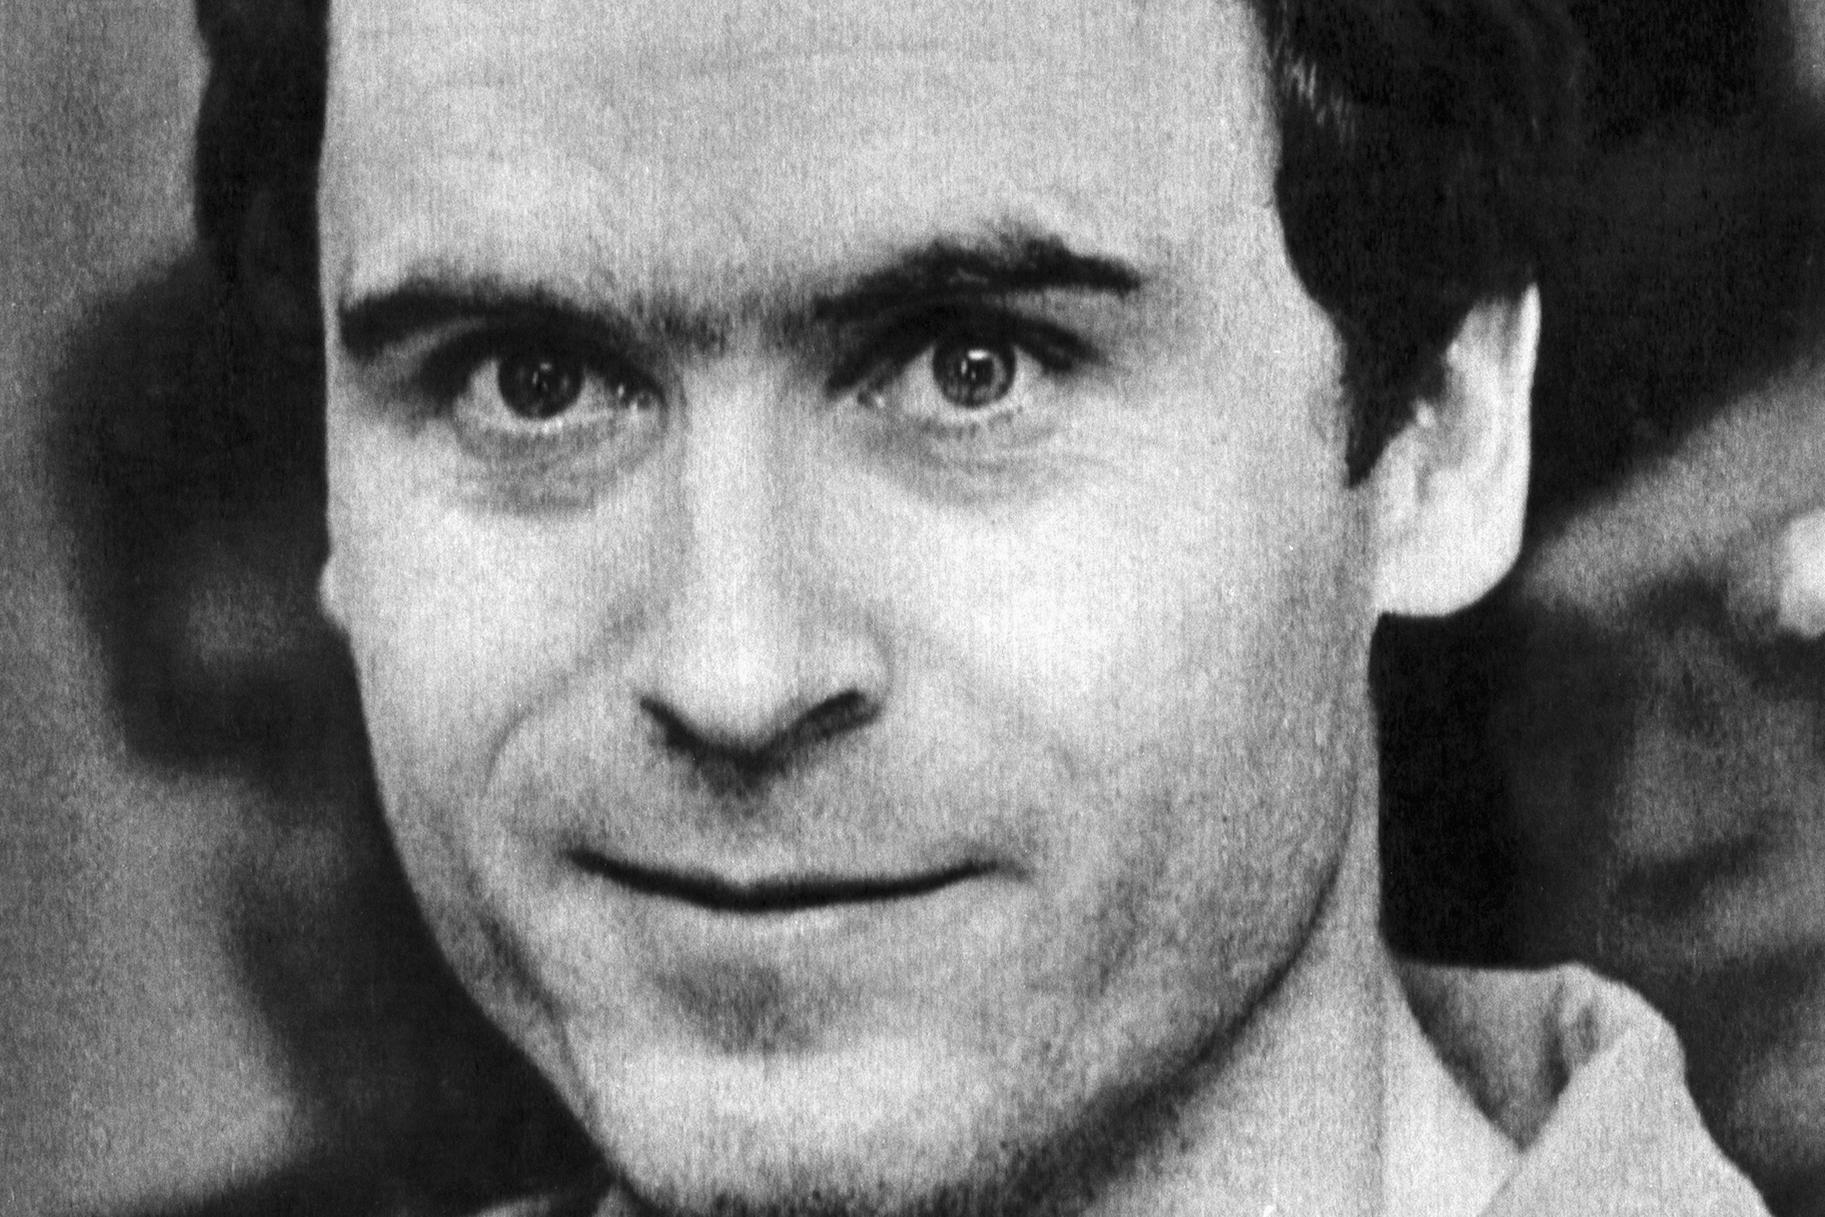 Biografie Jeugd Ted Bundy werd geboren als Theodore Robert Cowell de buitenechtelijke zoon van Eleanor Louise Cowell 19242012 in het Elizabeth Lund Home for